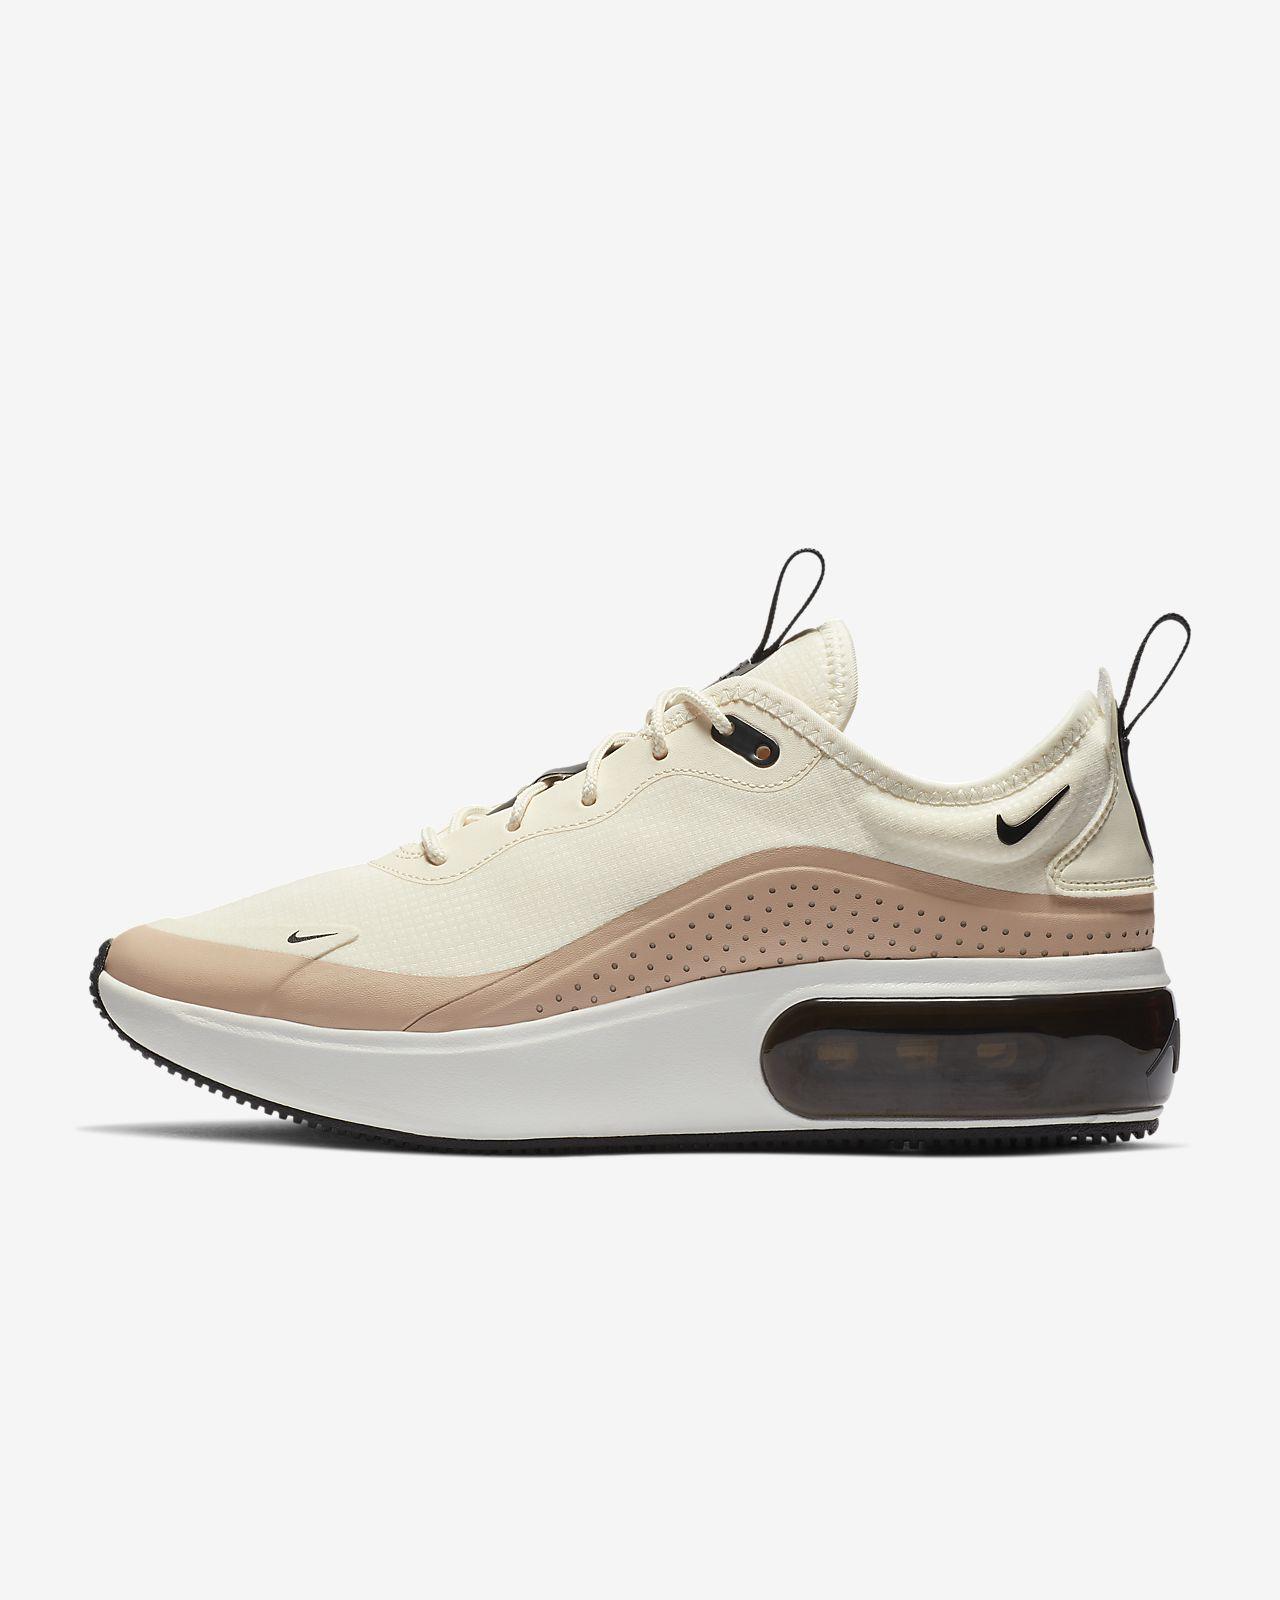 Nike Air Max Dia Kadın Ayakkabısı